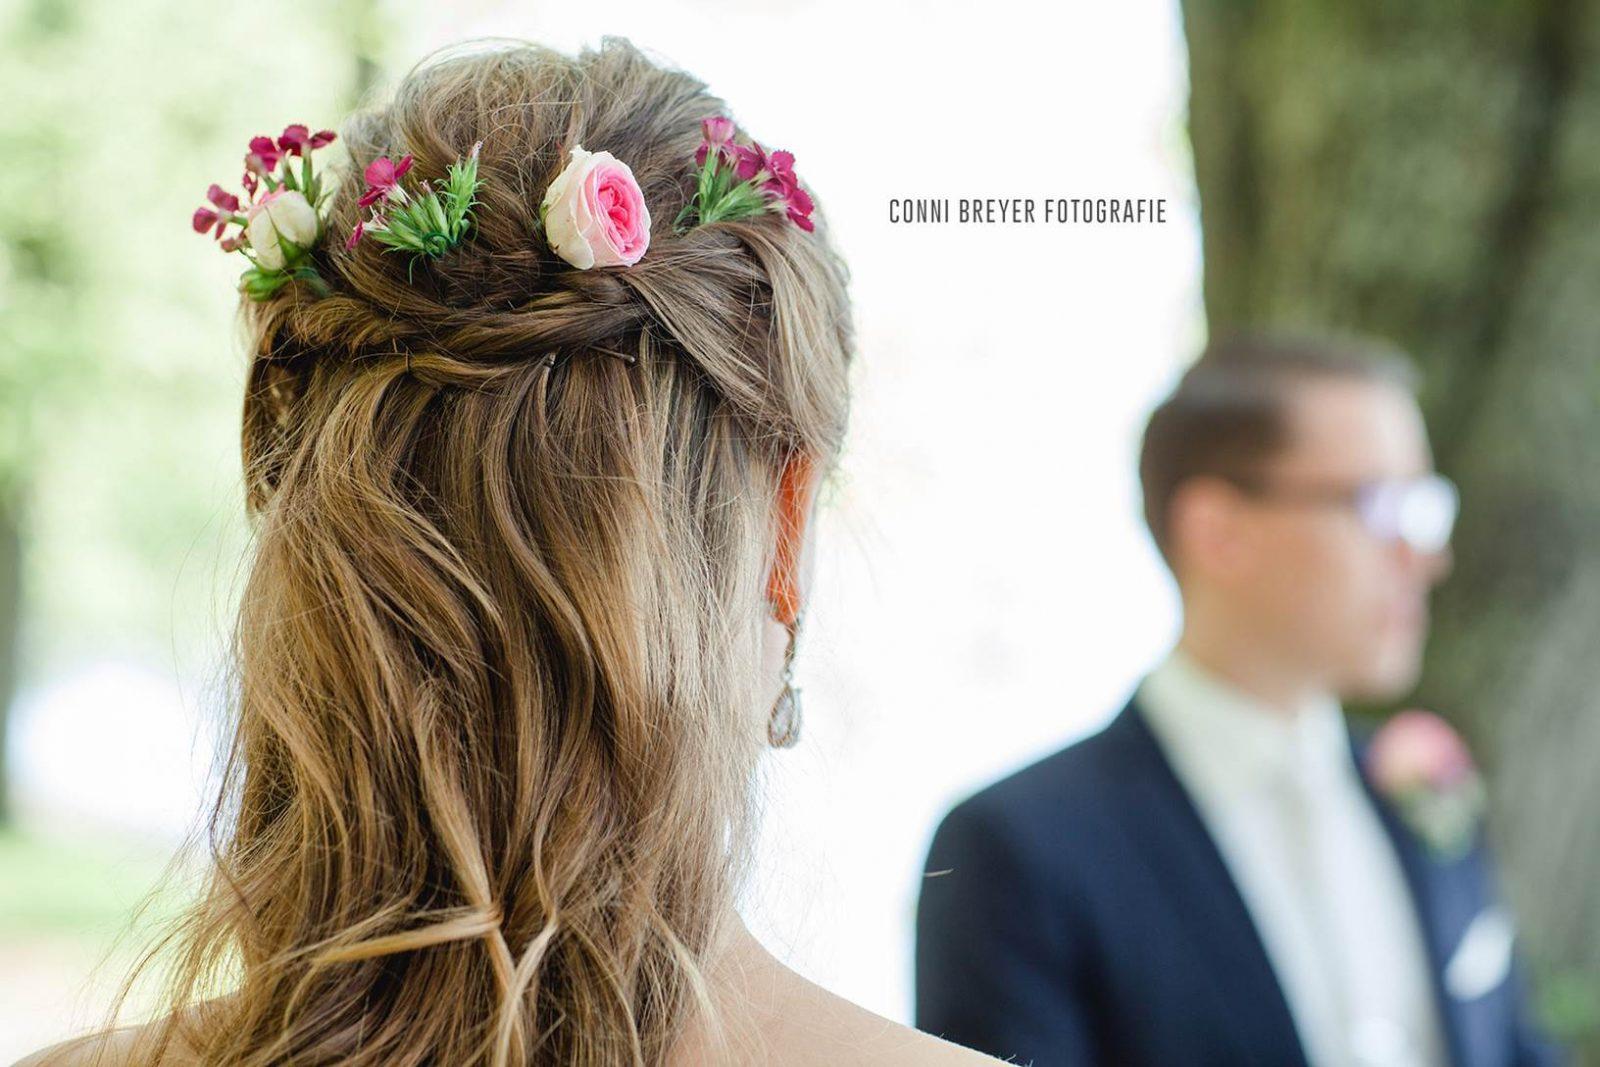 Brautfrisur Mit Frischen Blumen Athmoshair Ihr Friseur In Lindau